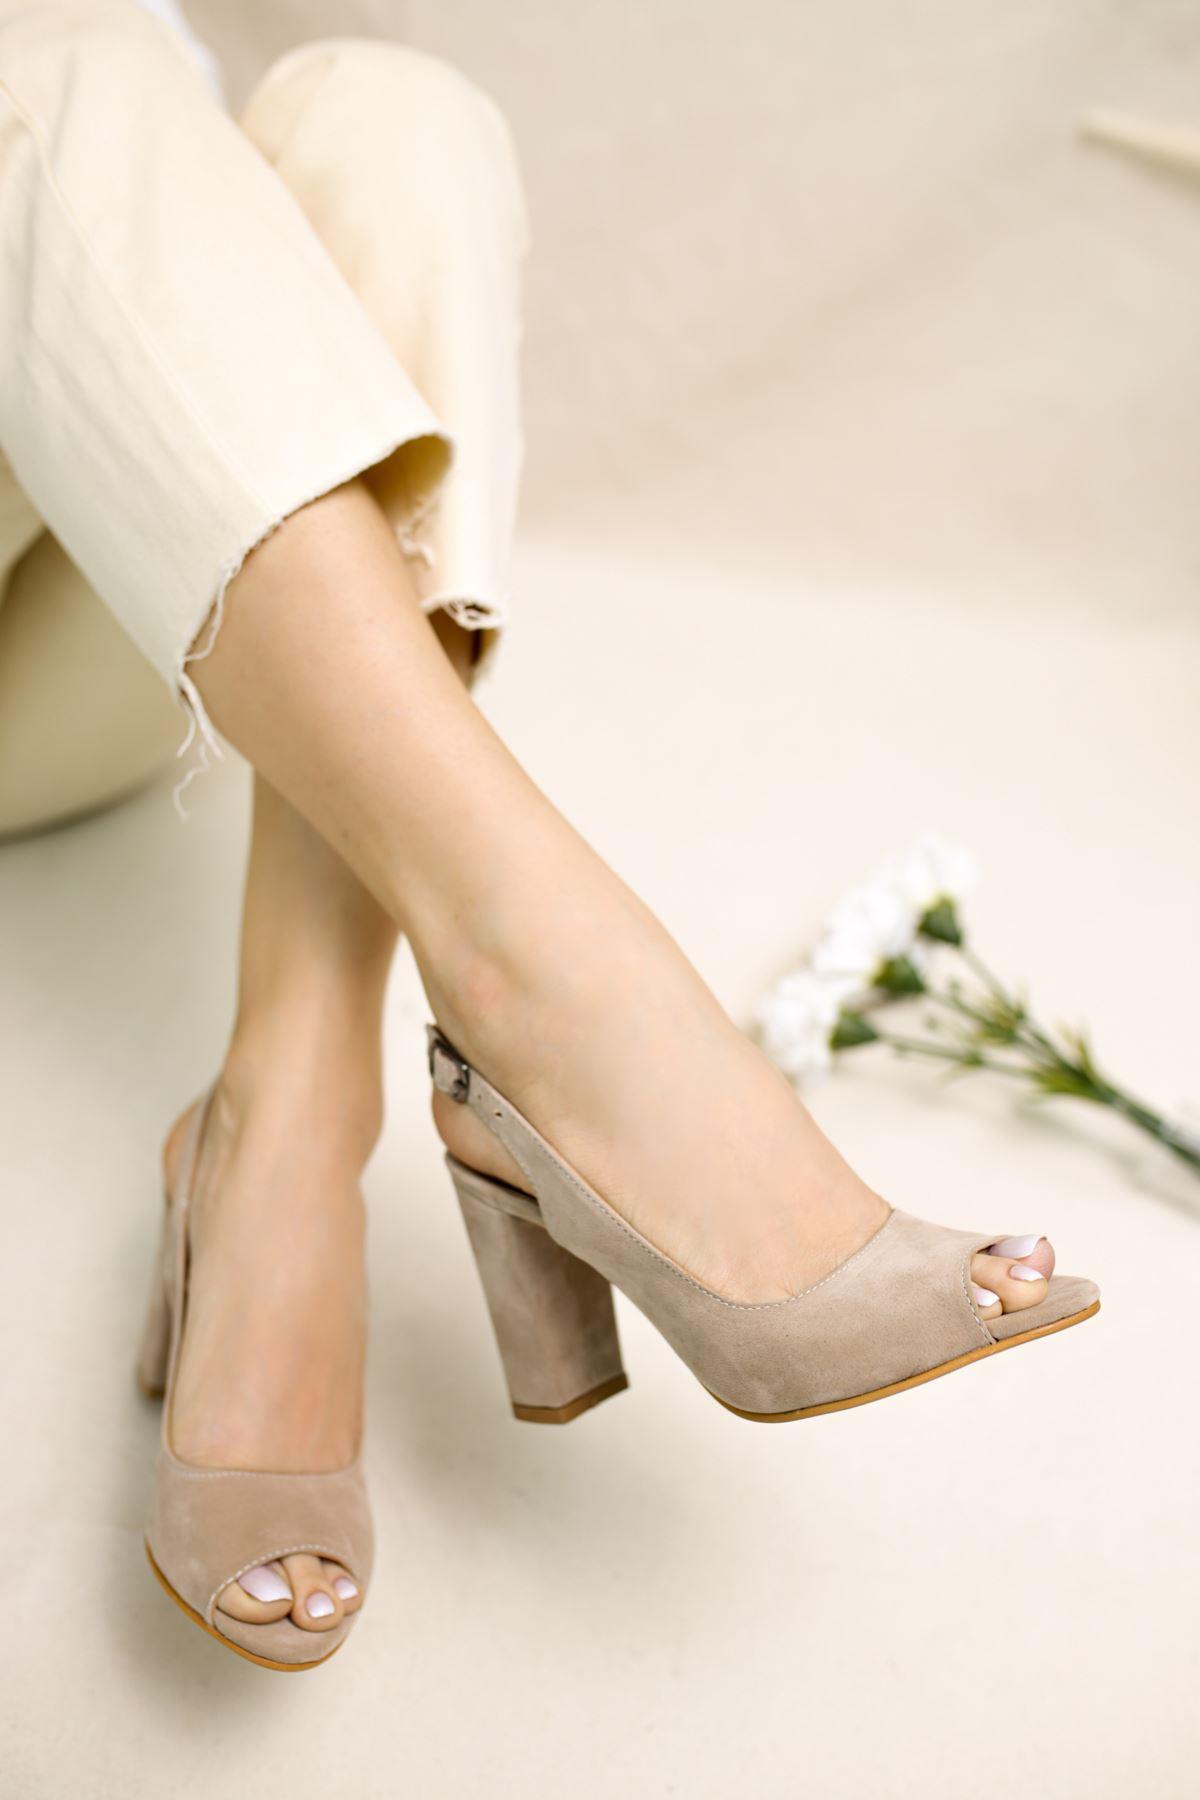 Maura Vizon Süet Kadın Topuklu Ayakkabı